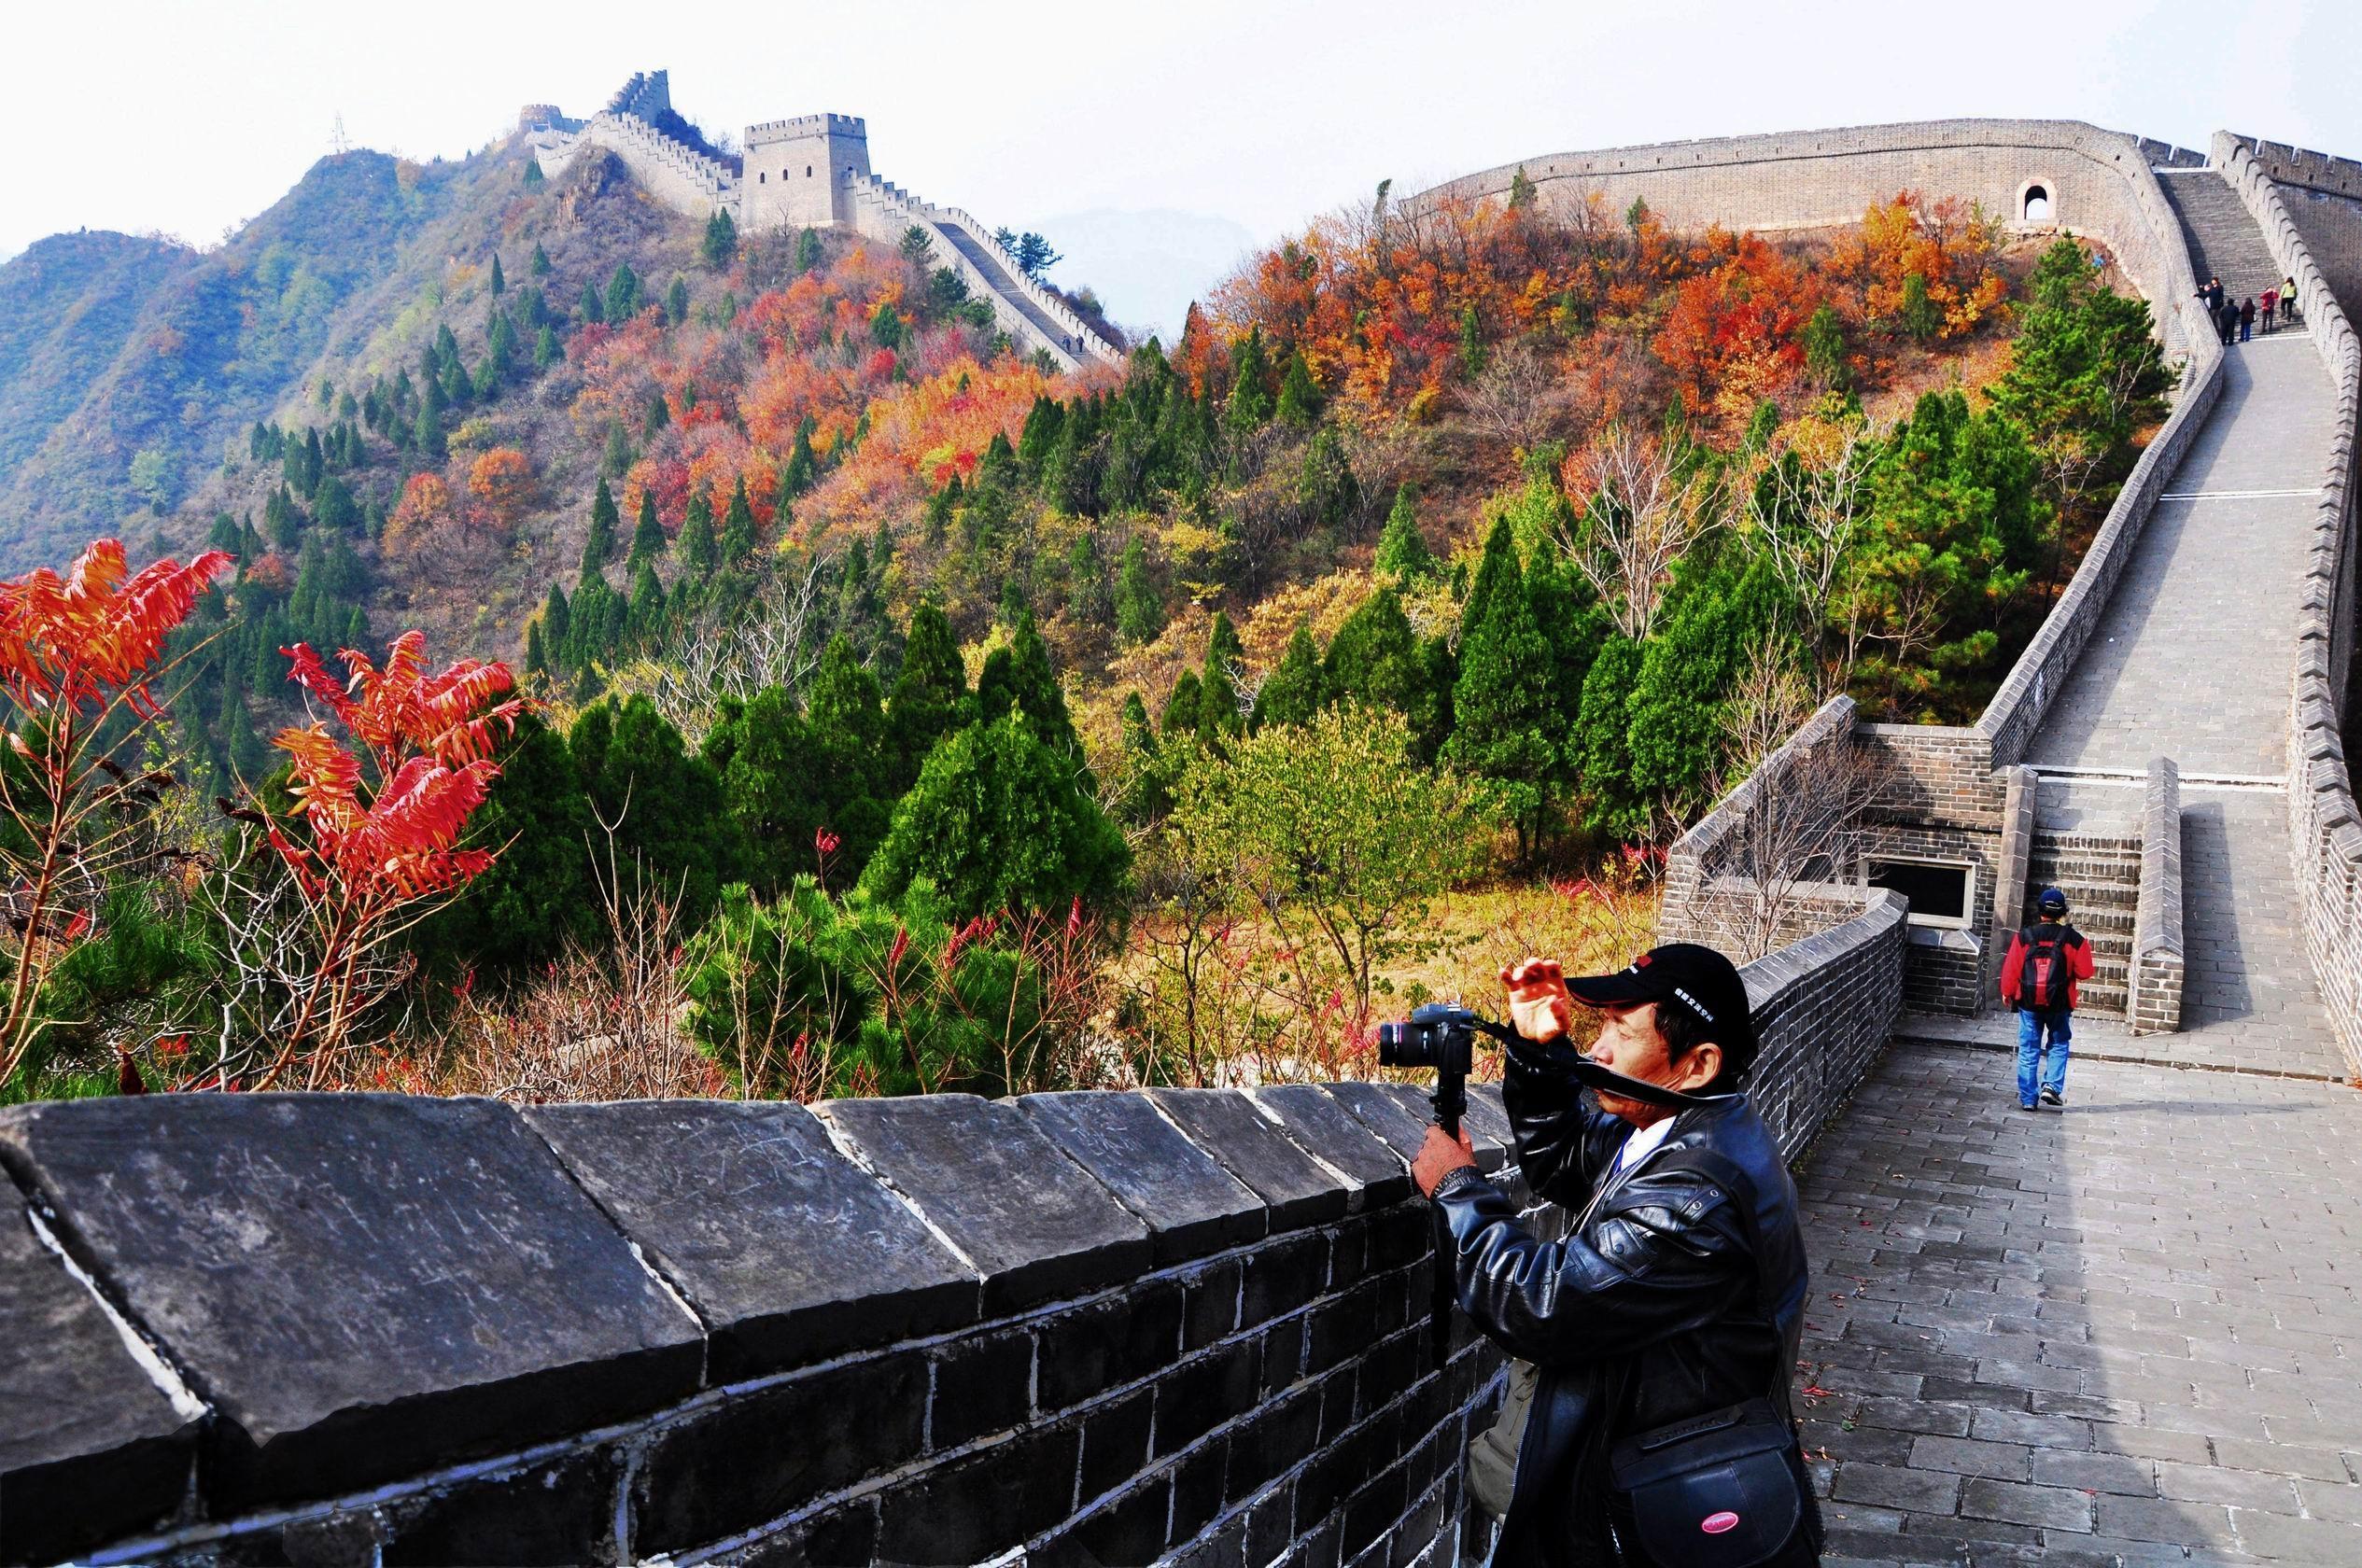 【2017年北京百强企业名单】2017年北京100强企业排名